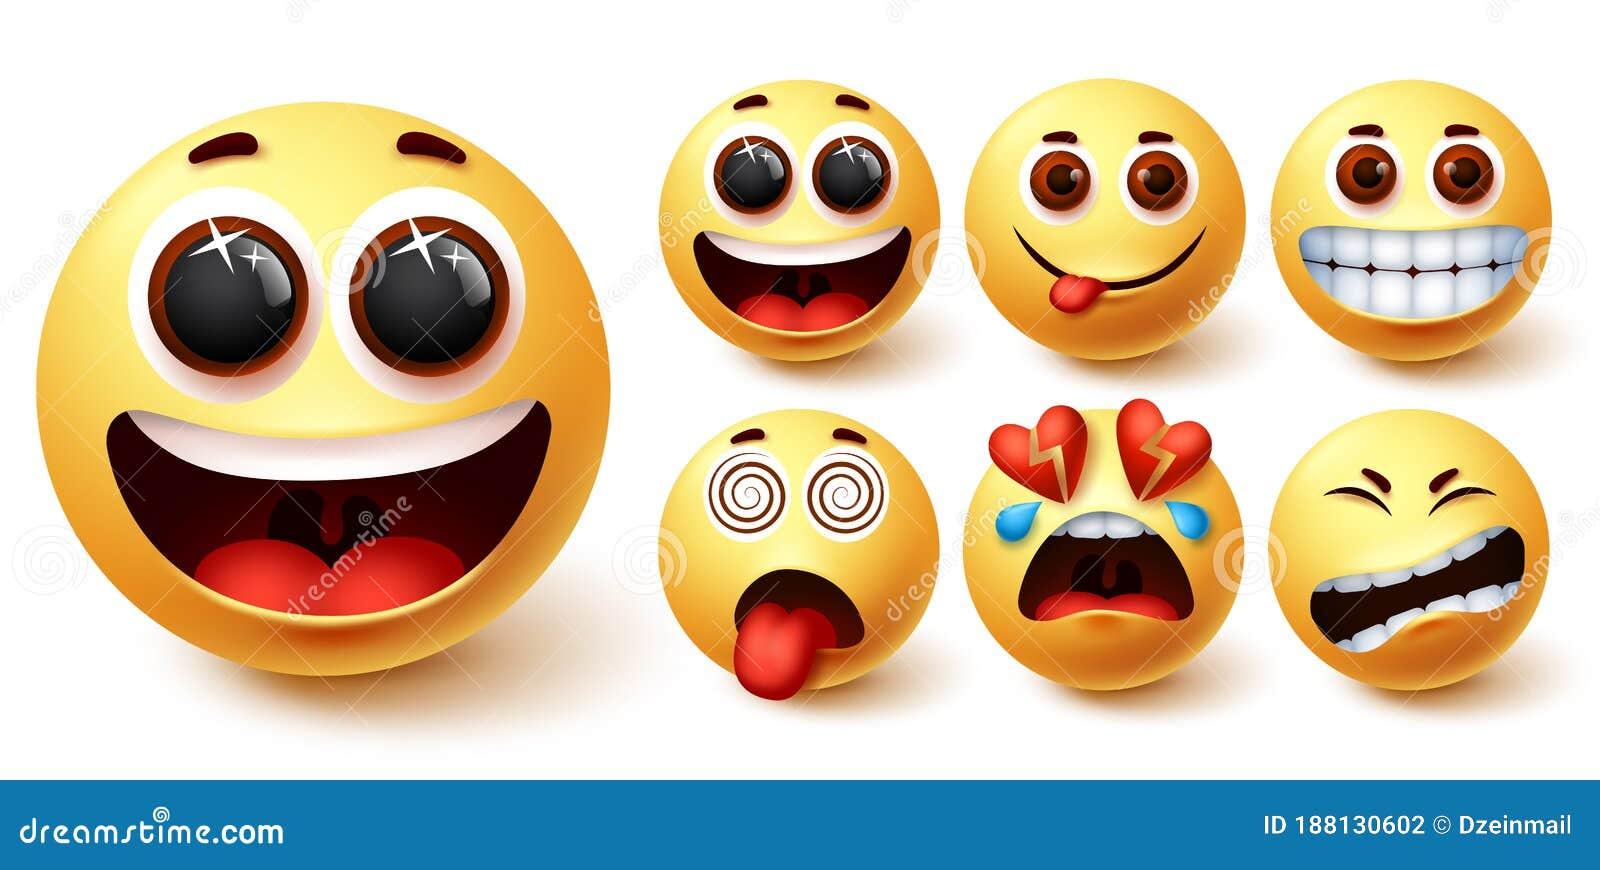 smiley emojis vector set smileys emoji yellow face happy excited hungry smiley emojis vector set smileys emoji yellow face 188130602